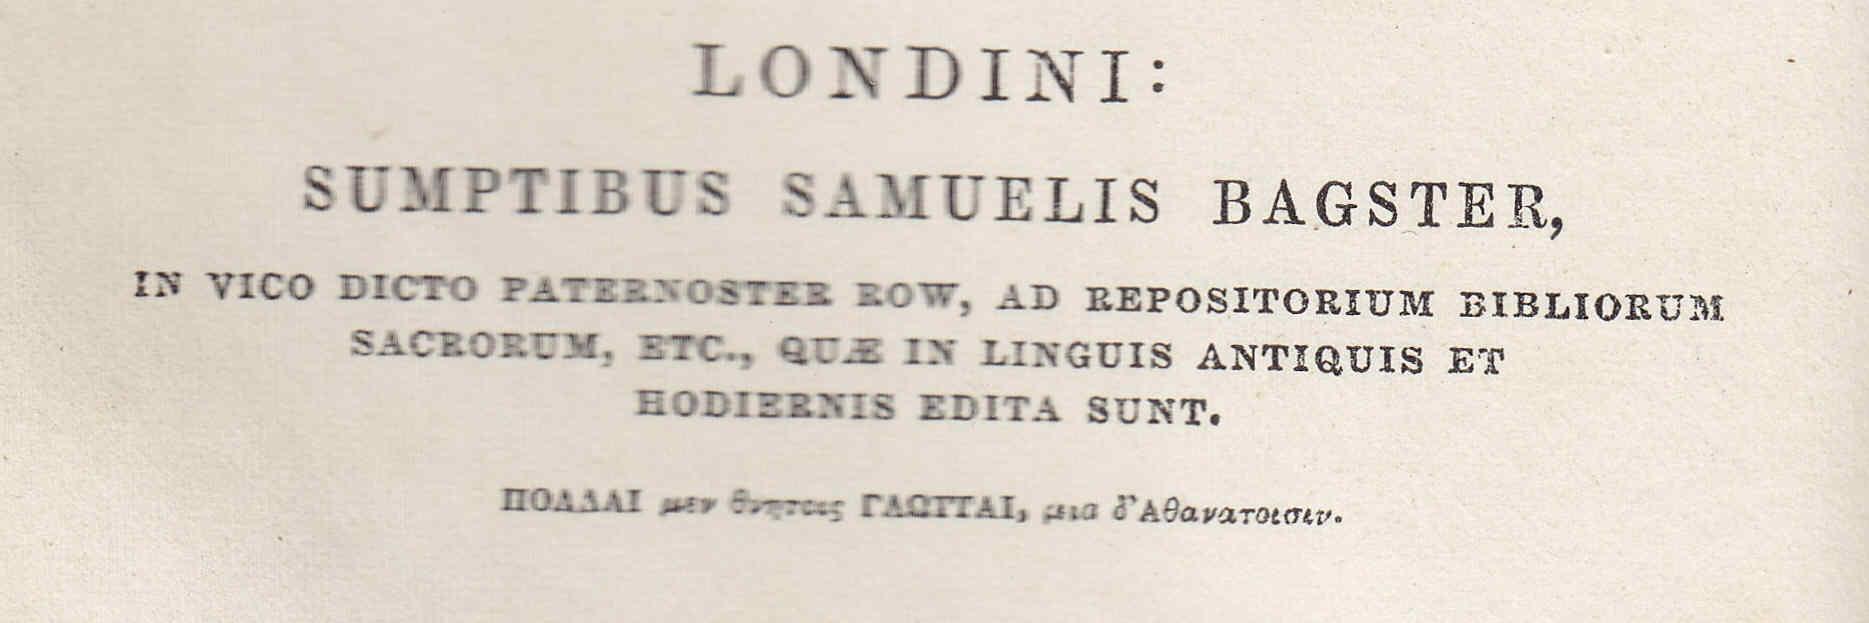 La Septuaginta y Paternoster Row